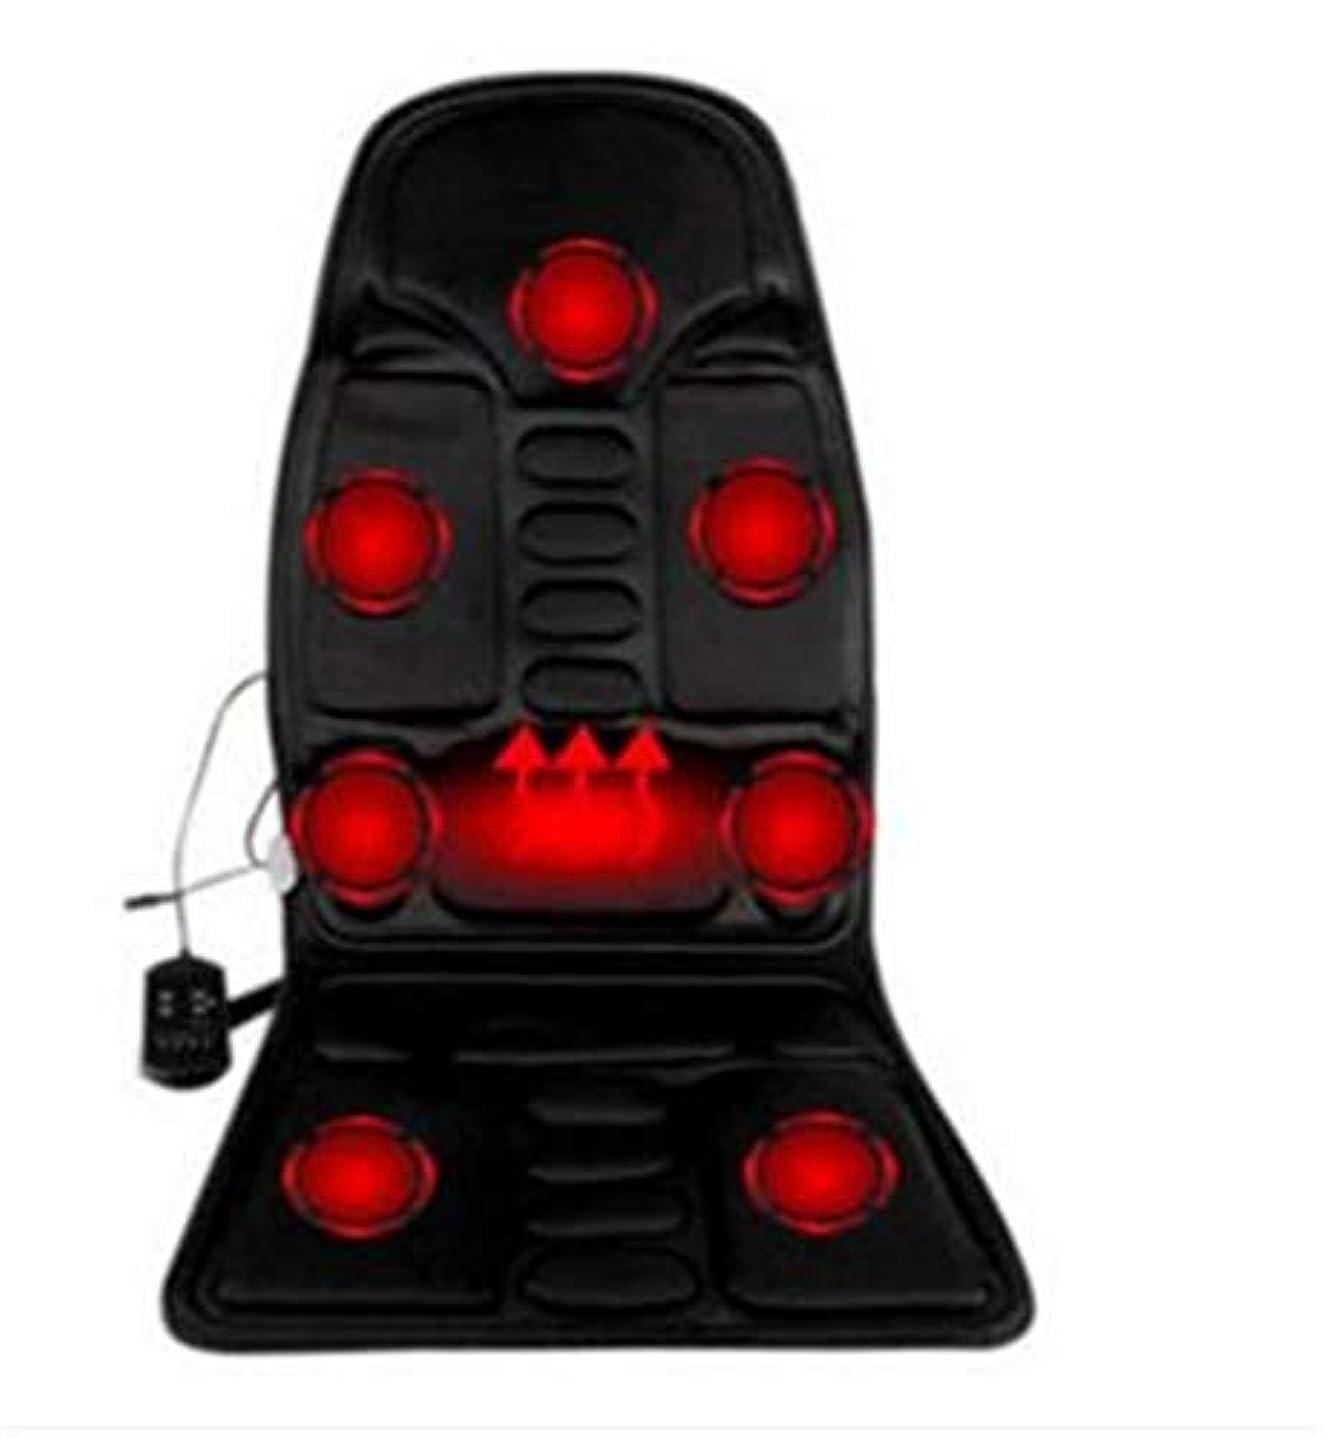 タイマー病トーク電気マッサージクッション、背中のマッサージチェア、車のホームオフィス、全身マッサージクッション、首のマッサージチェア、血液循環を促進するマッサージリラクゼーション